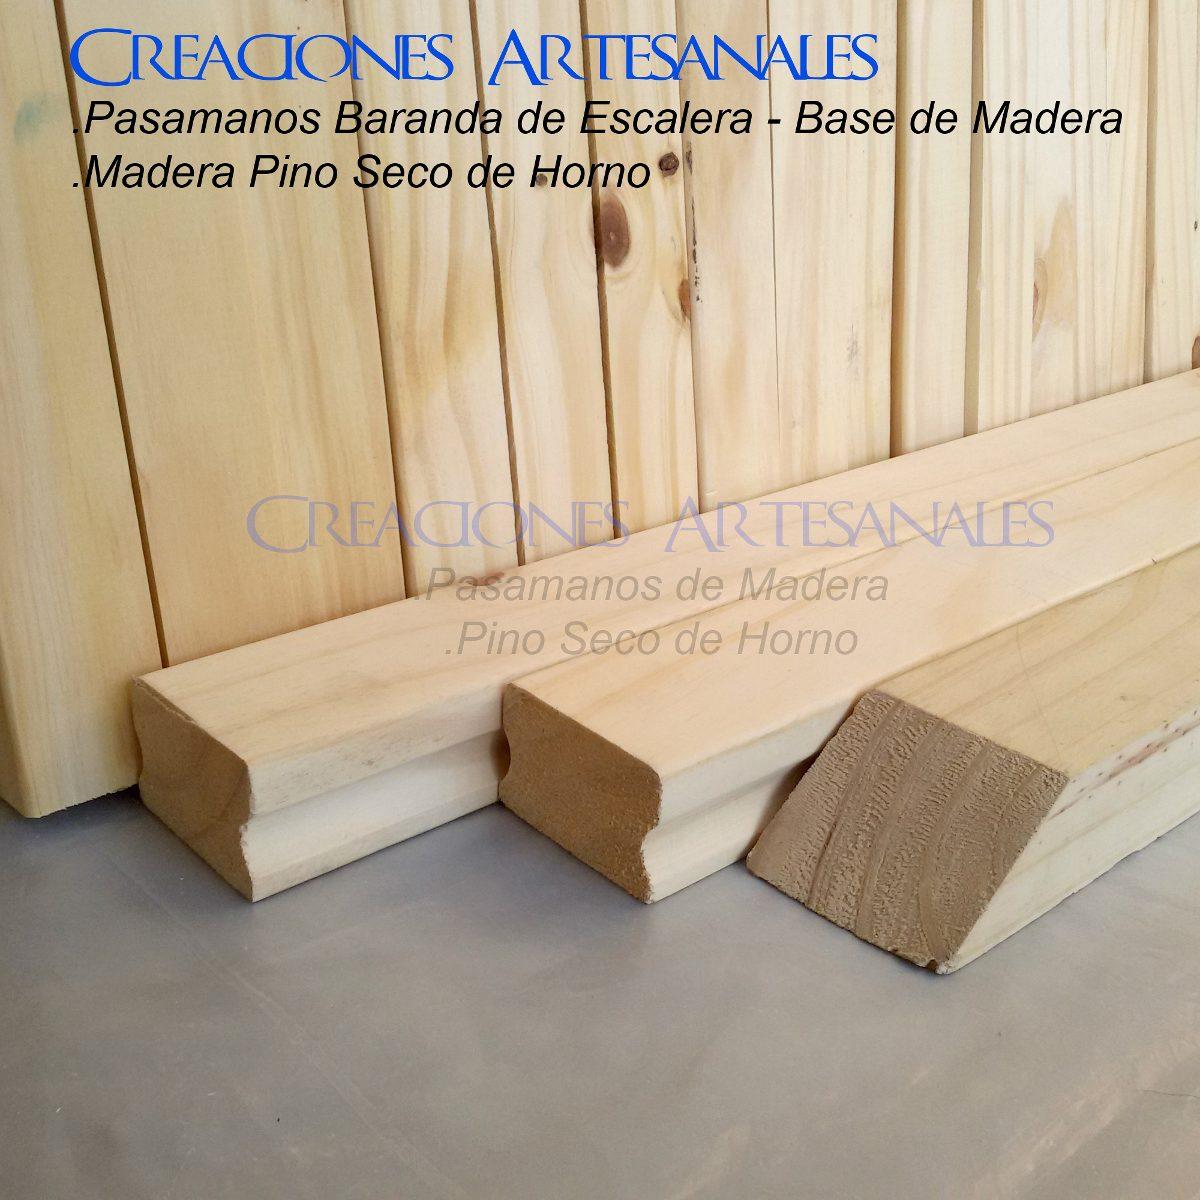 pasamanos de madera pino barandas balaustre balcon escalera